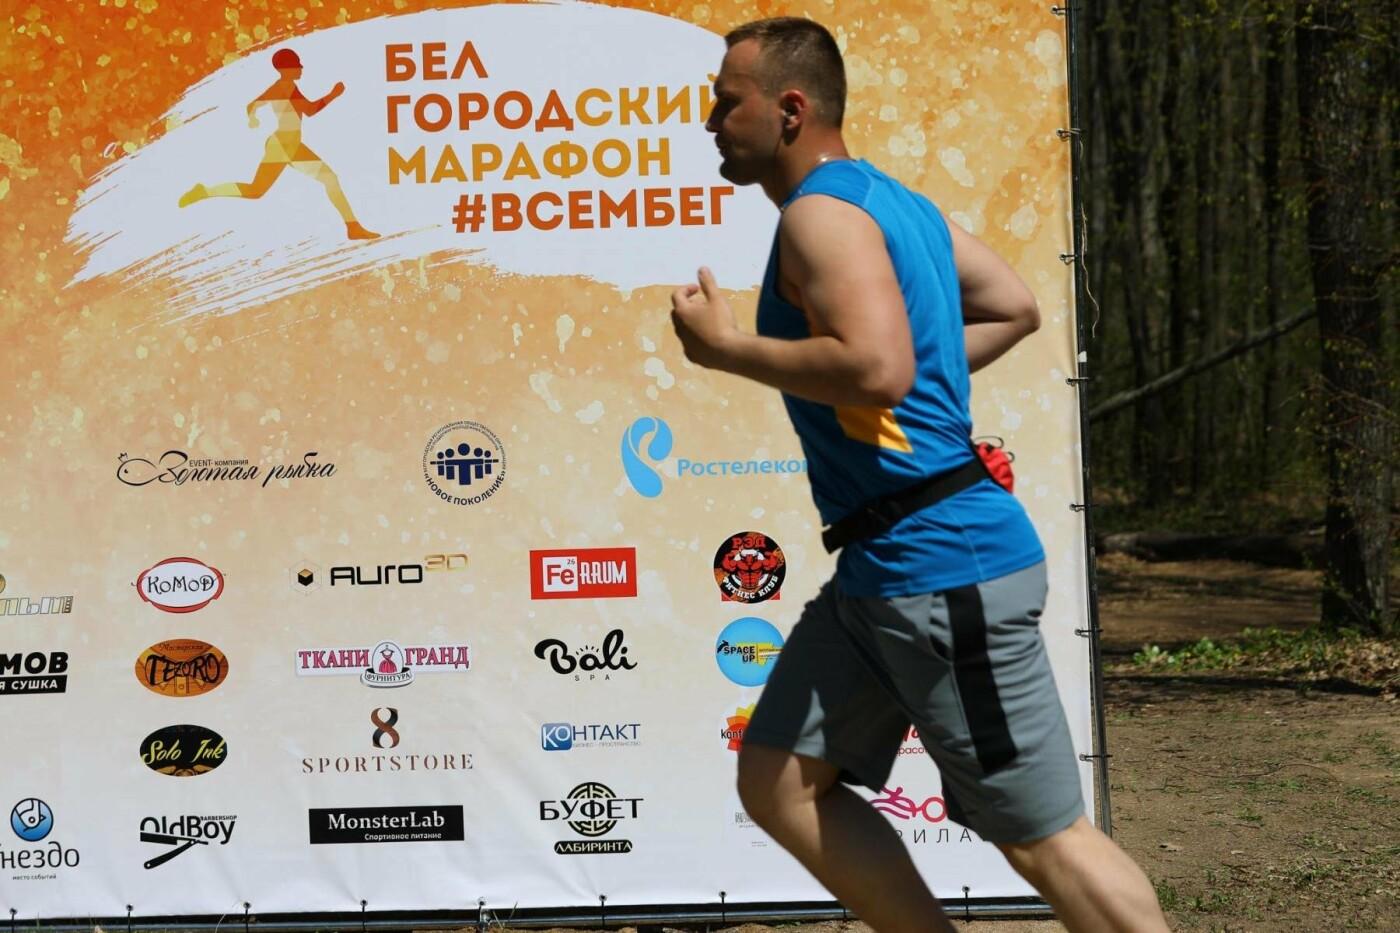 170 белгородцев участвовали в благотворительном марафоне ко Дню Победы, фото-12